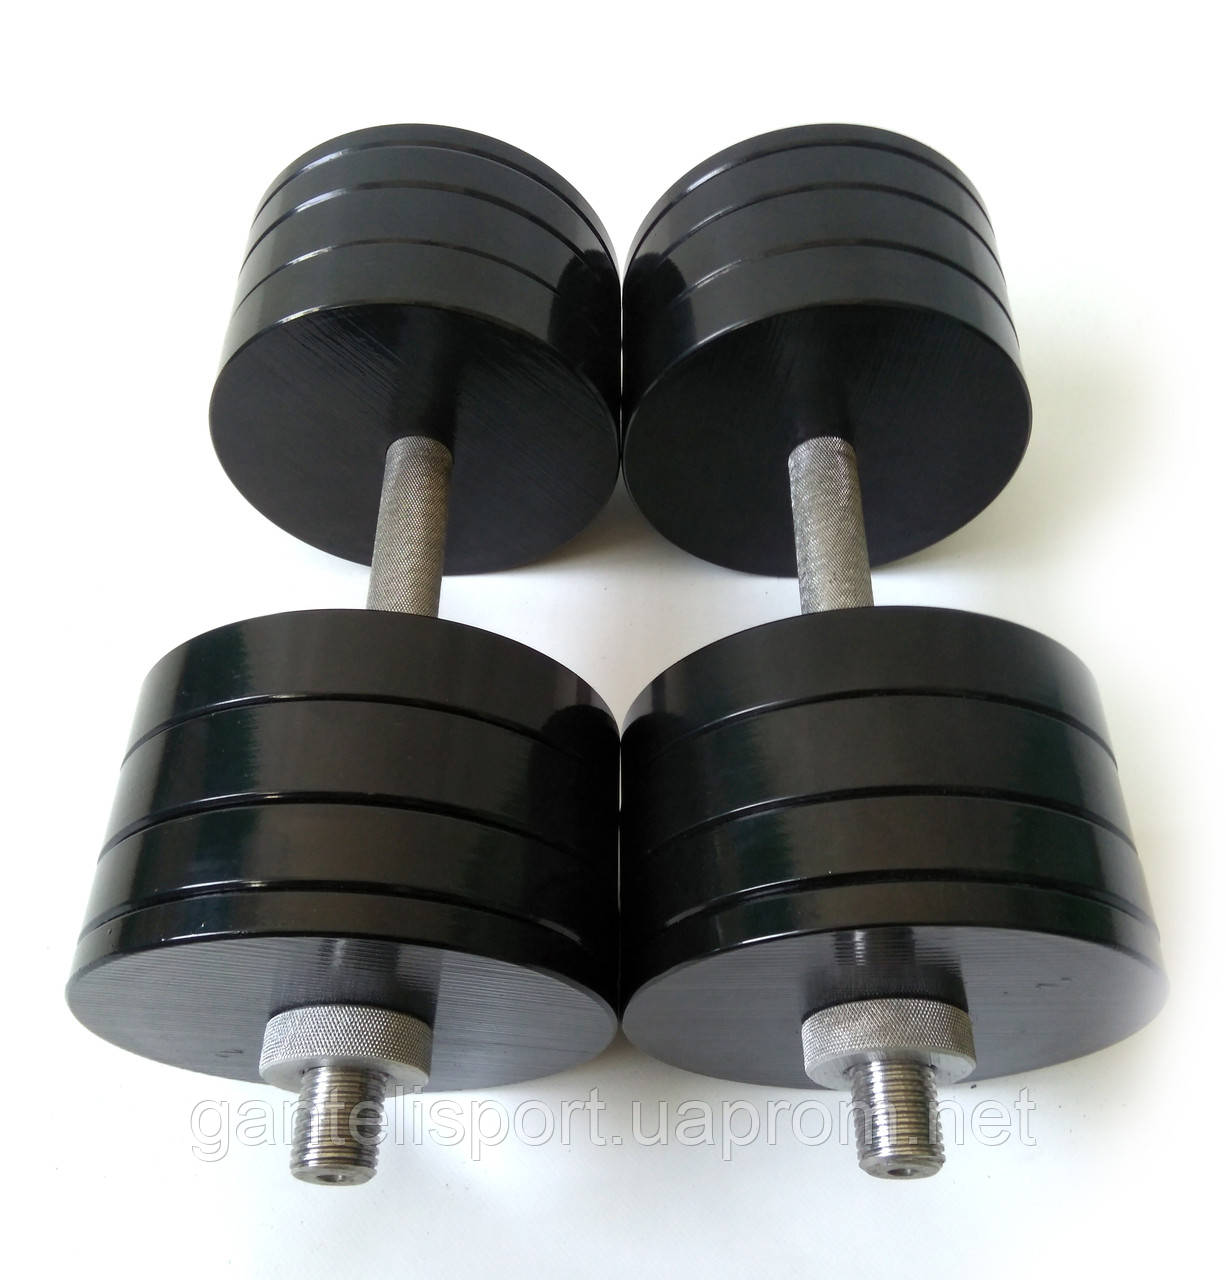 Гантели металлические 2 шт по 34 кг